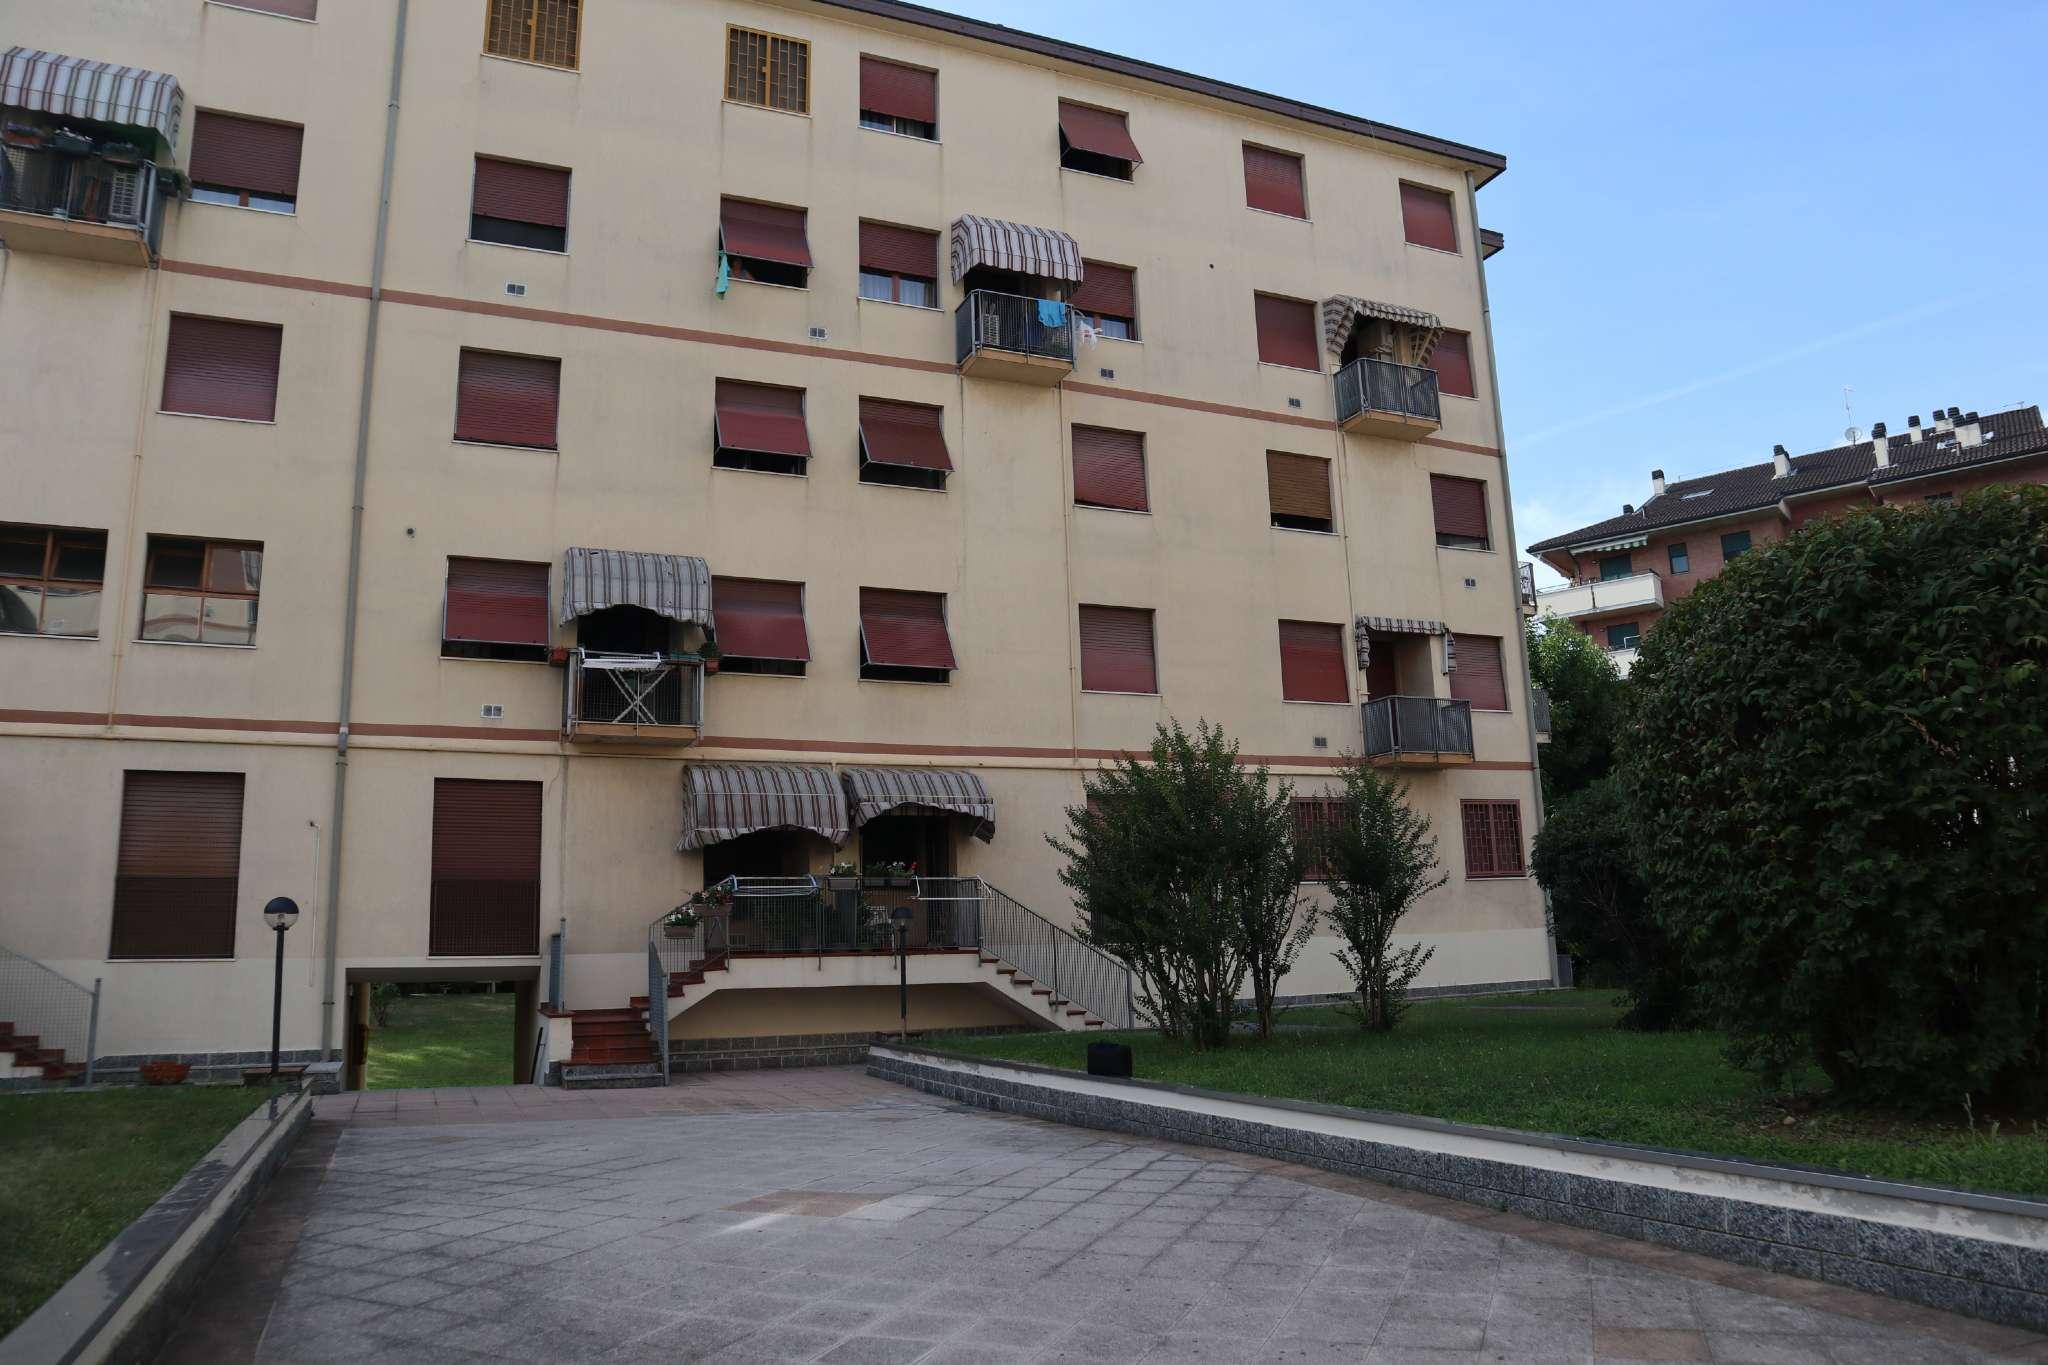 Appartamento in Vendita a Pioltello: 4 locali, 100 mq